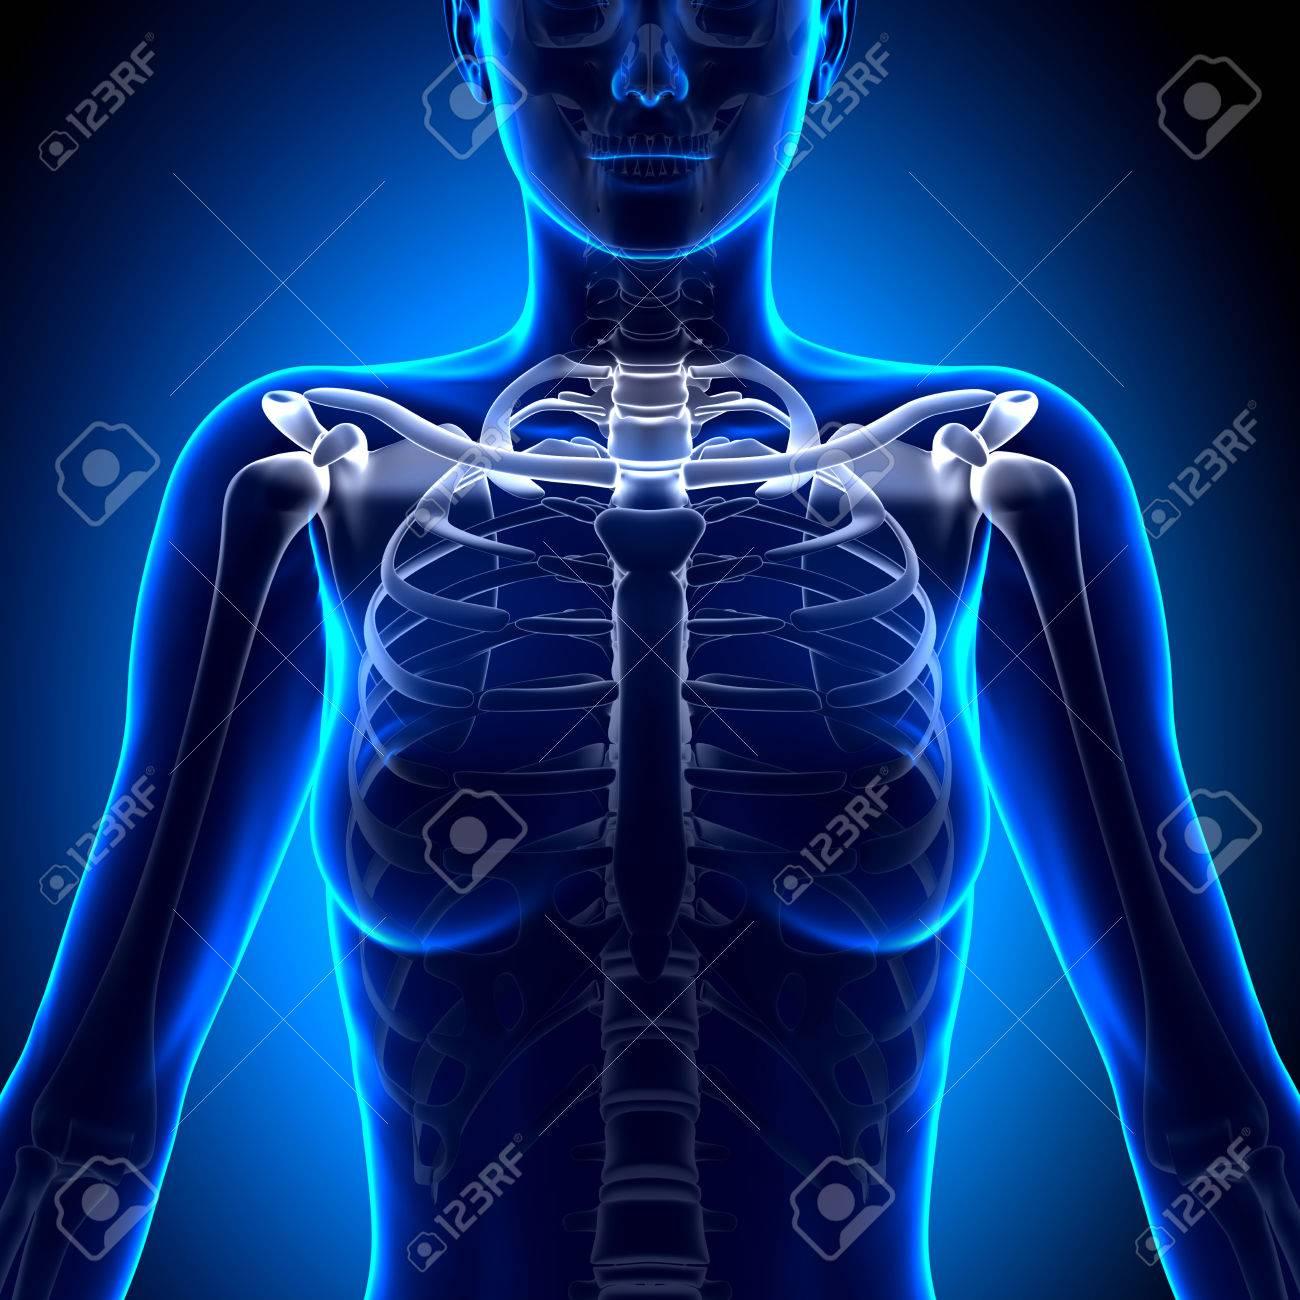 Female Clavicle Bone Anatomy - Anatomy Bones Stock Photo, Picture ...